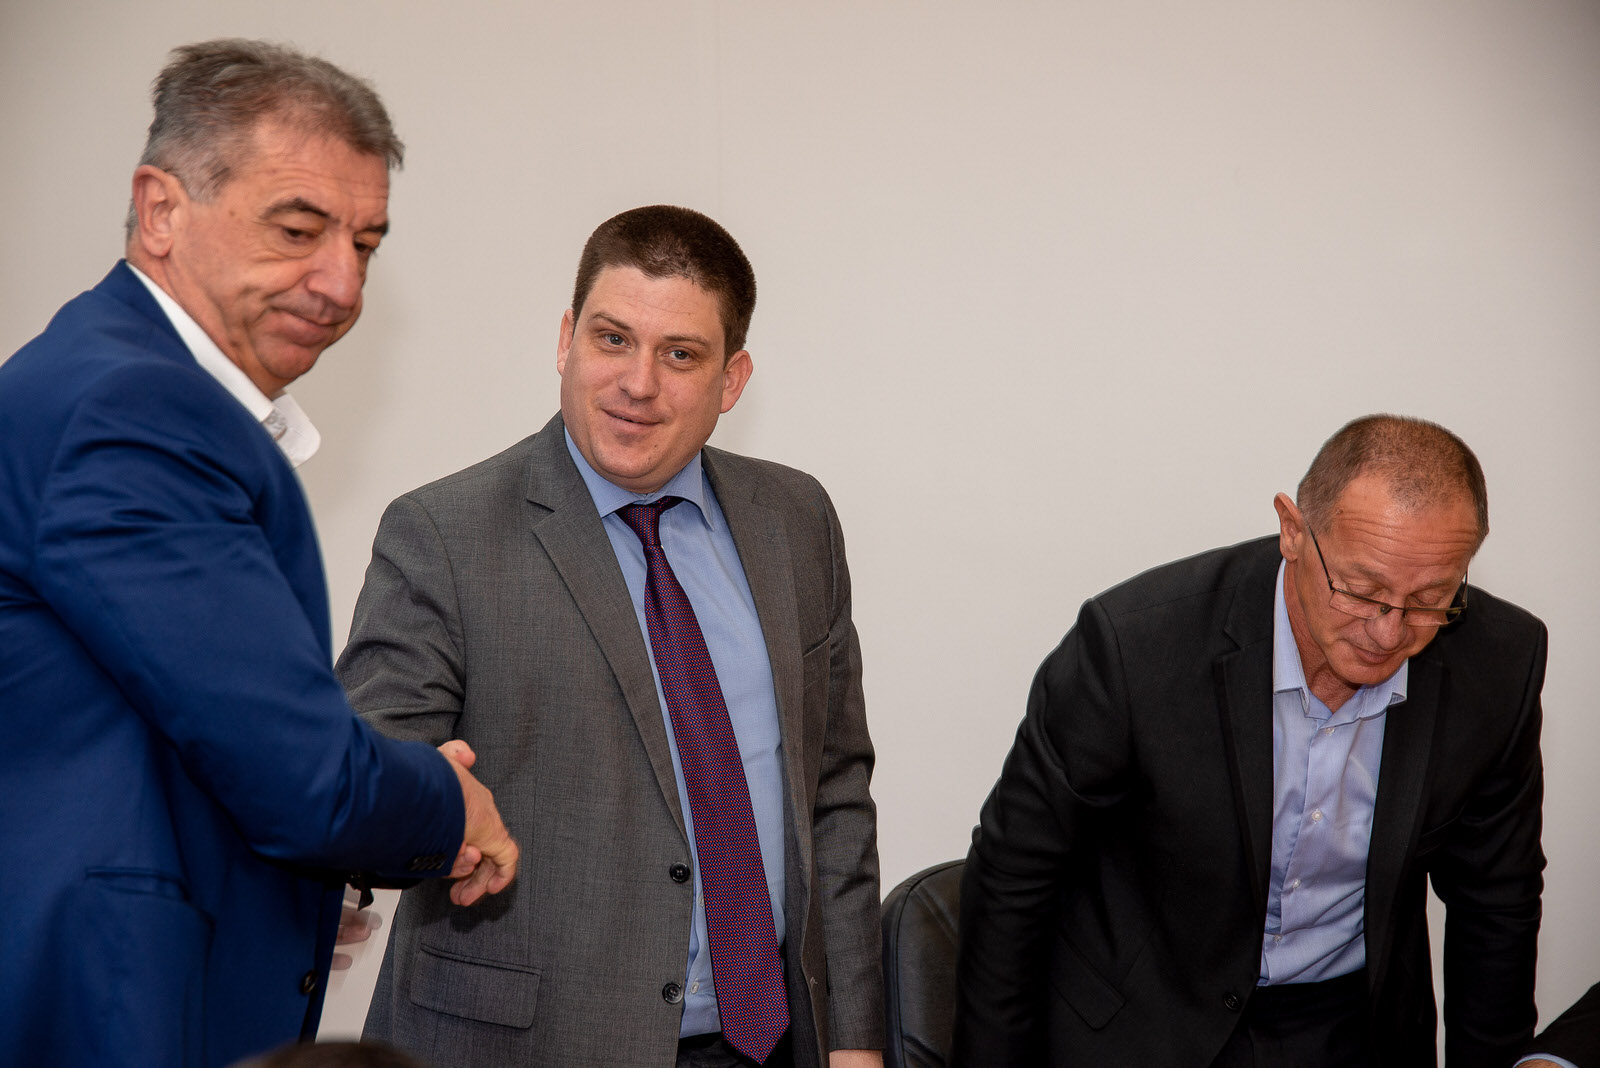 likaclub_svečanosti potpisivanja ugovora i sporazuma_lsž_28-2-2020 (26)